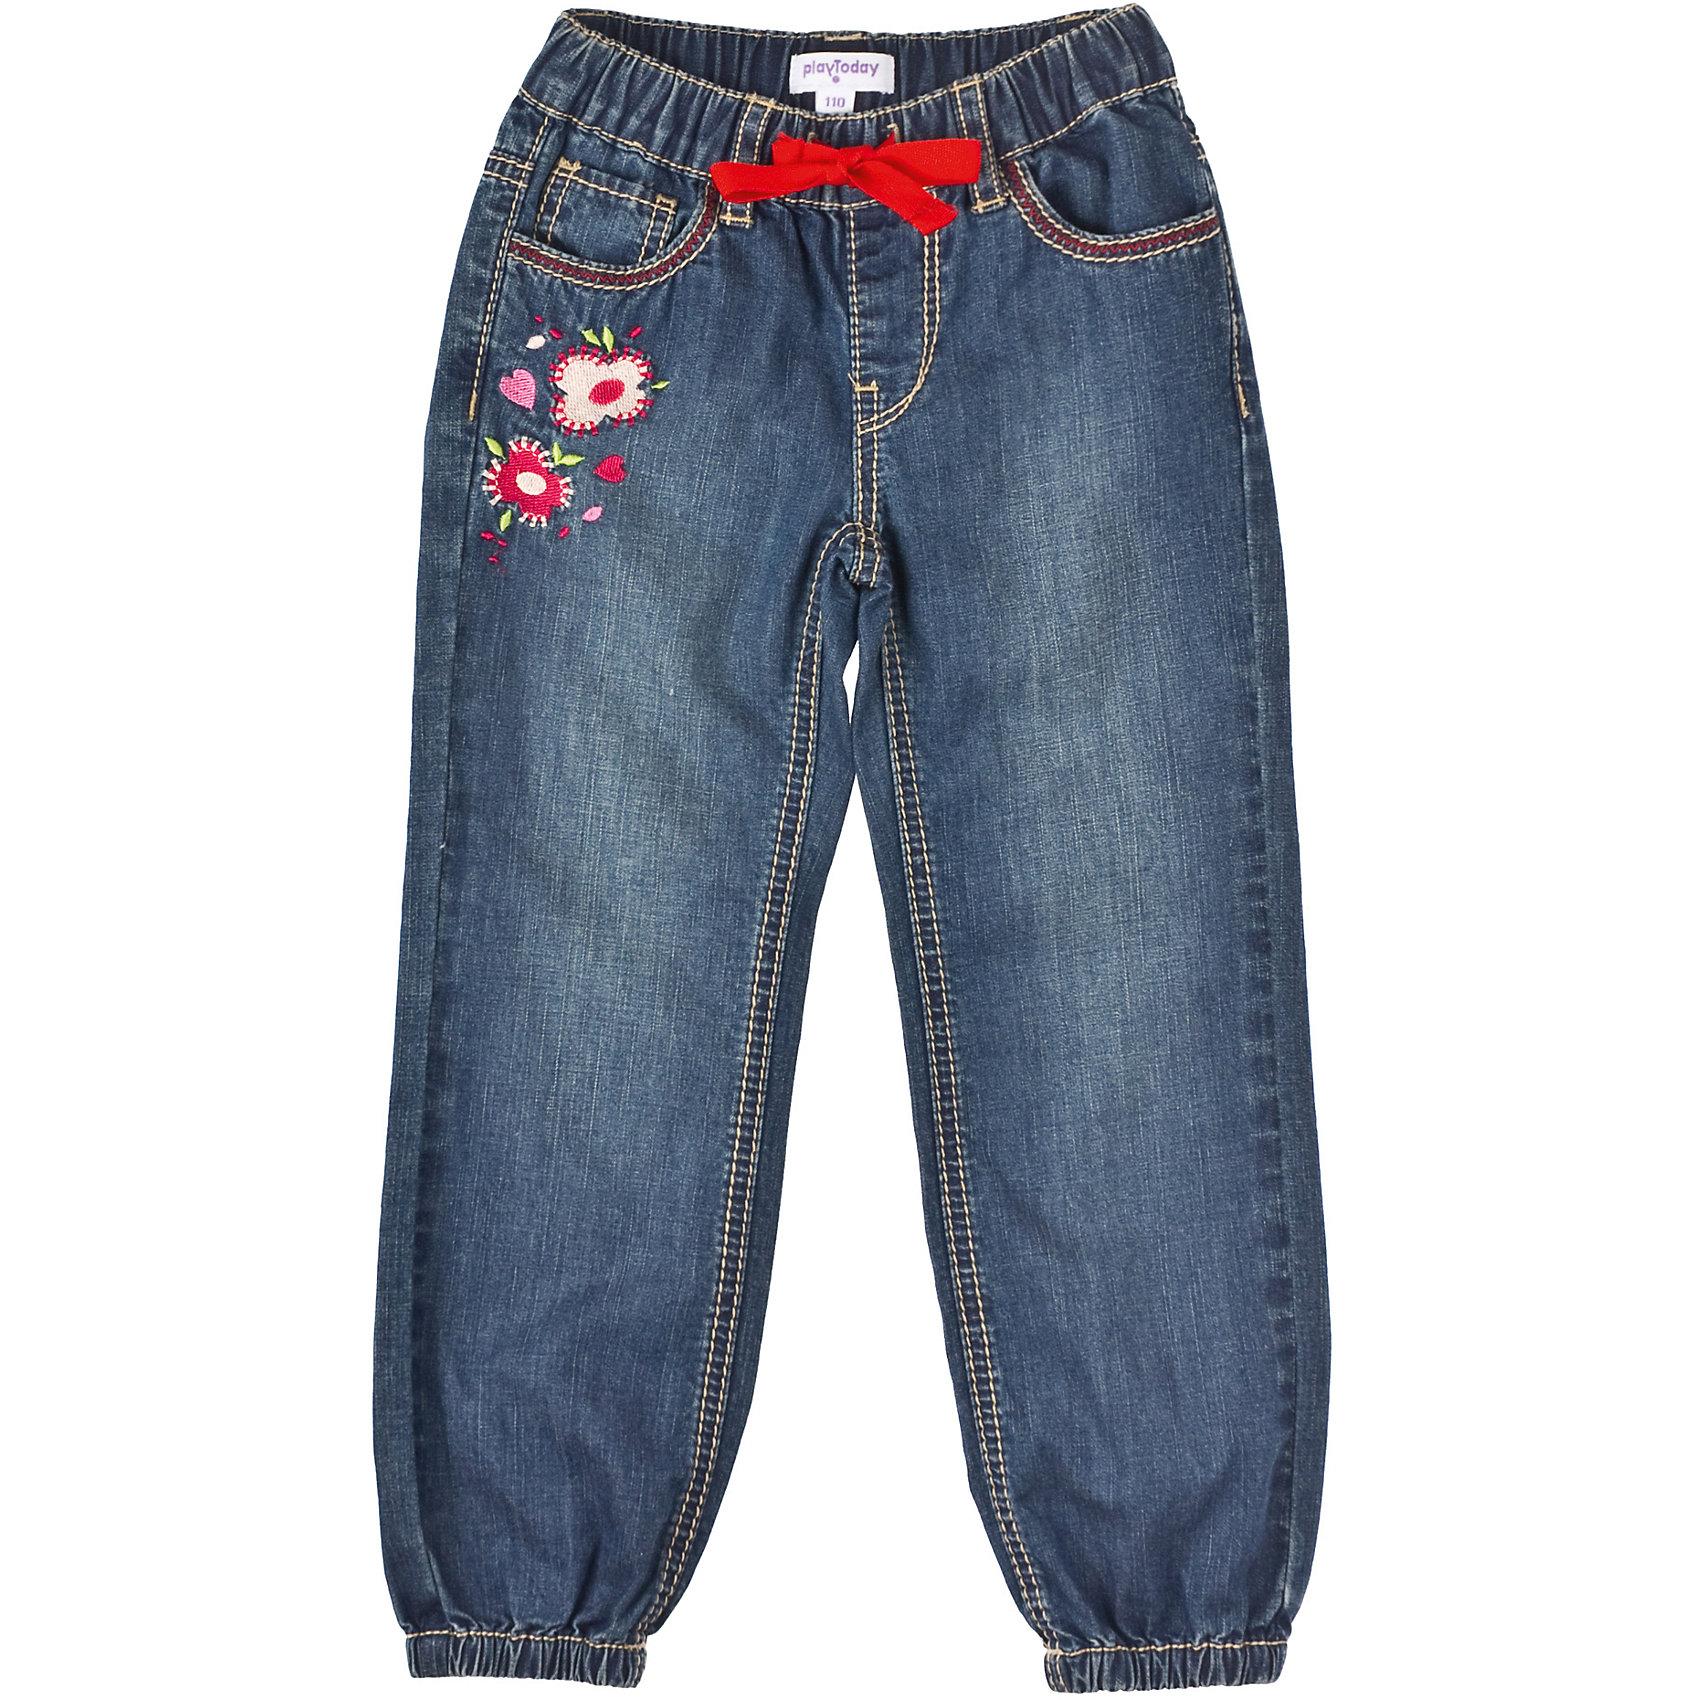 Джинсы для девочки PlayTodayДжинсовая одежда<br>Брюки для девочки PlayToday Джинсовые брюки для девочек. Пояс на резинке, отделан контрасной лентой. Низ штанин на резинках. Брюки декорированы красивой цветочной вышивкой, которая понравится всем девочкам. Состав: 100% хлопок<br><br>Ширина мм: 215<br>Глубина мм: 88<br>Высота мм: 191<br>Вес г: 336<br>Цвет: синий<br>Возраст от месяцев: 36<br>Возраст до месяцев: 48<br>Пол: Женский<br>Возраст: Детский<br>Размер: 104,128,122,116,98,110<br>SKU: 4228807